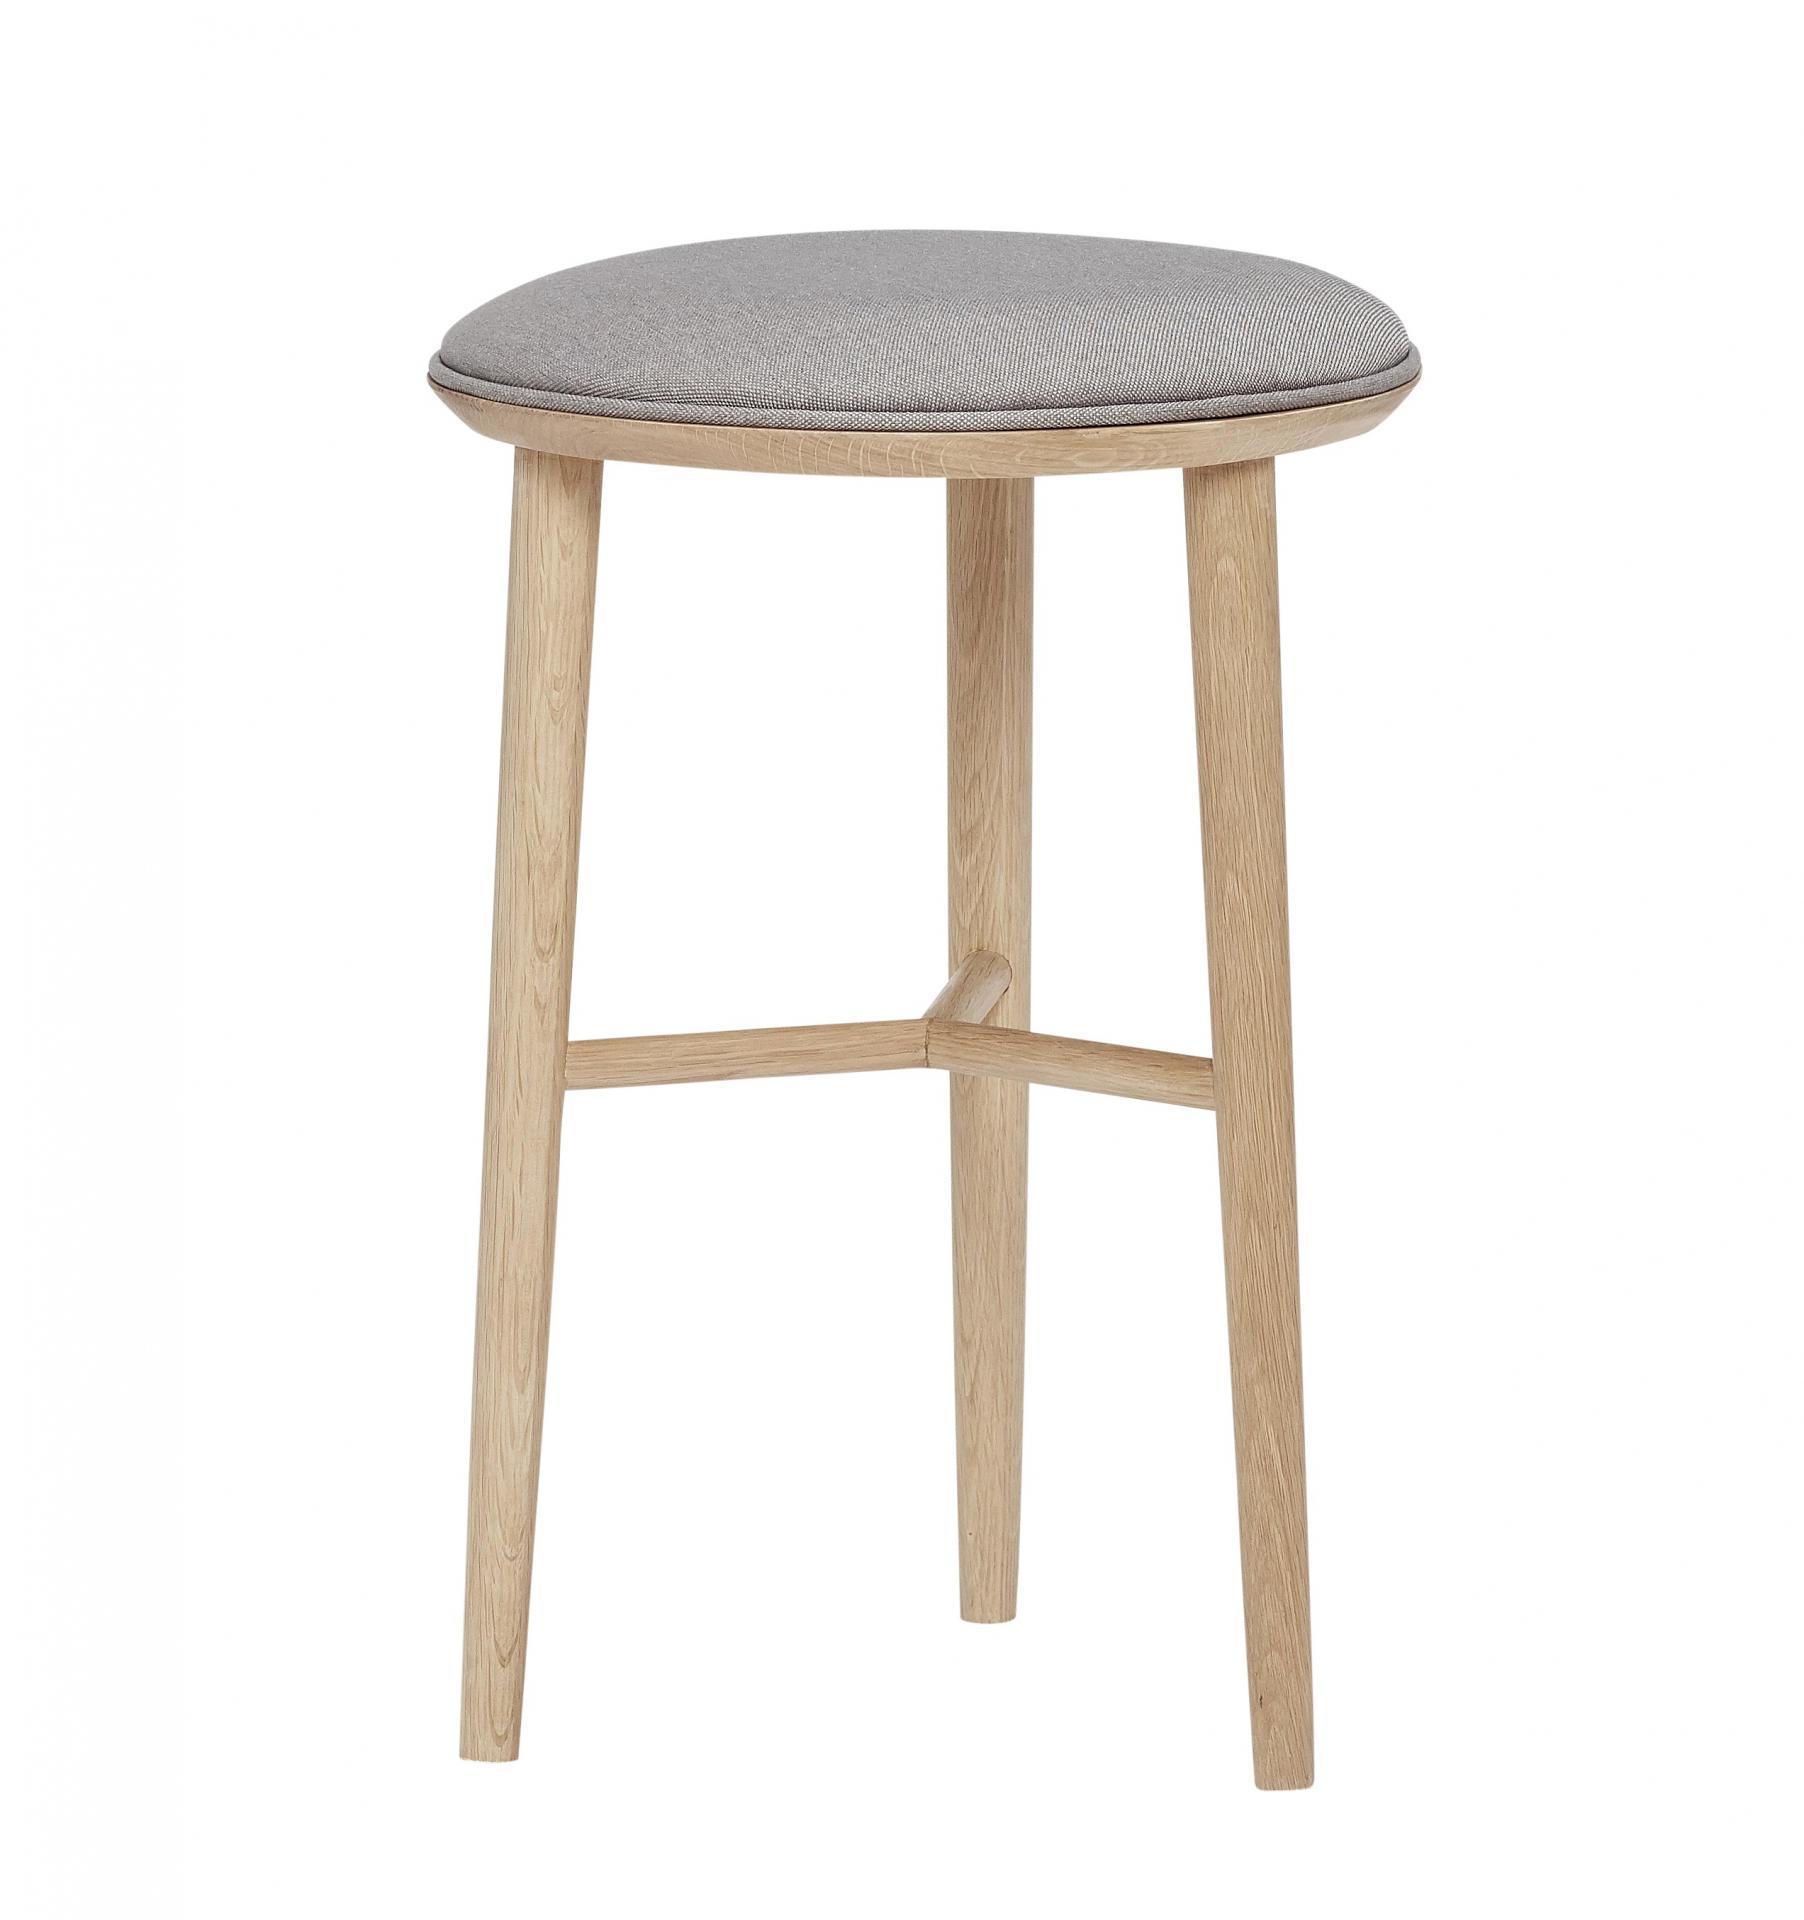 Hübsch Barová stolička Wood Nature, šedá barva, hnědá barva, dřevo, textil